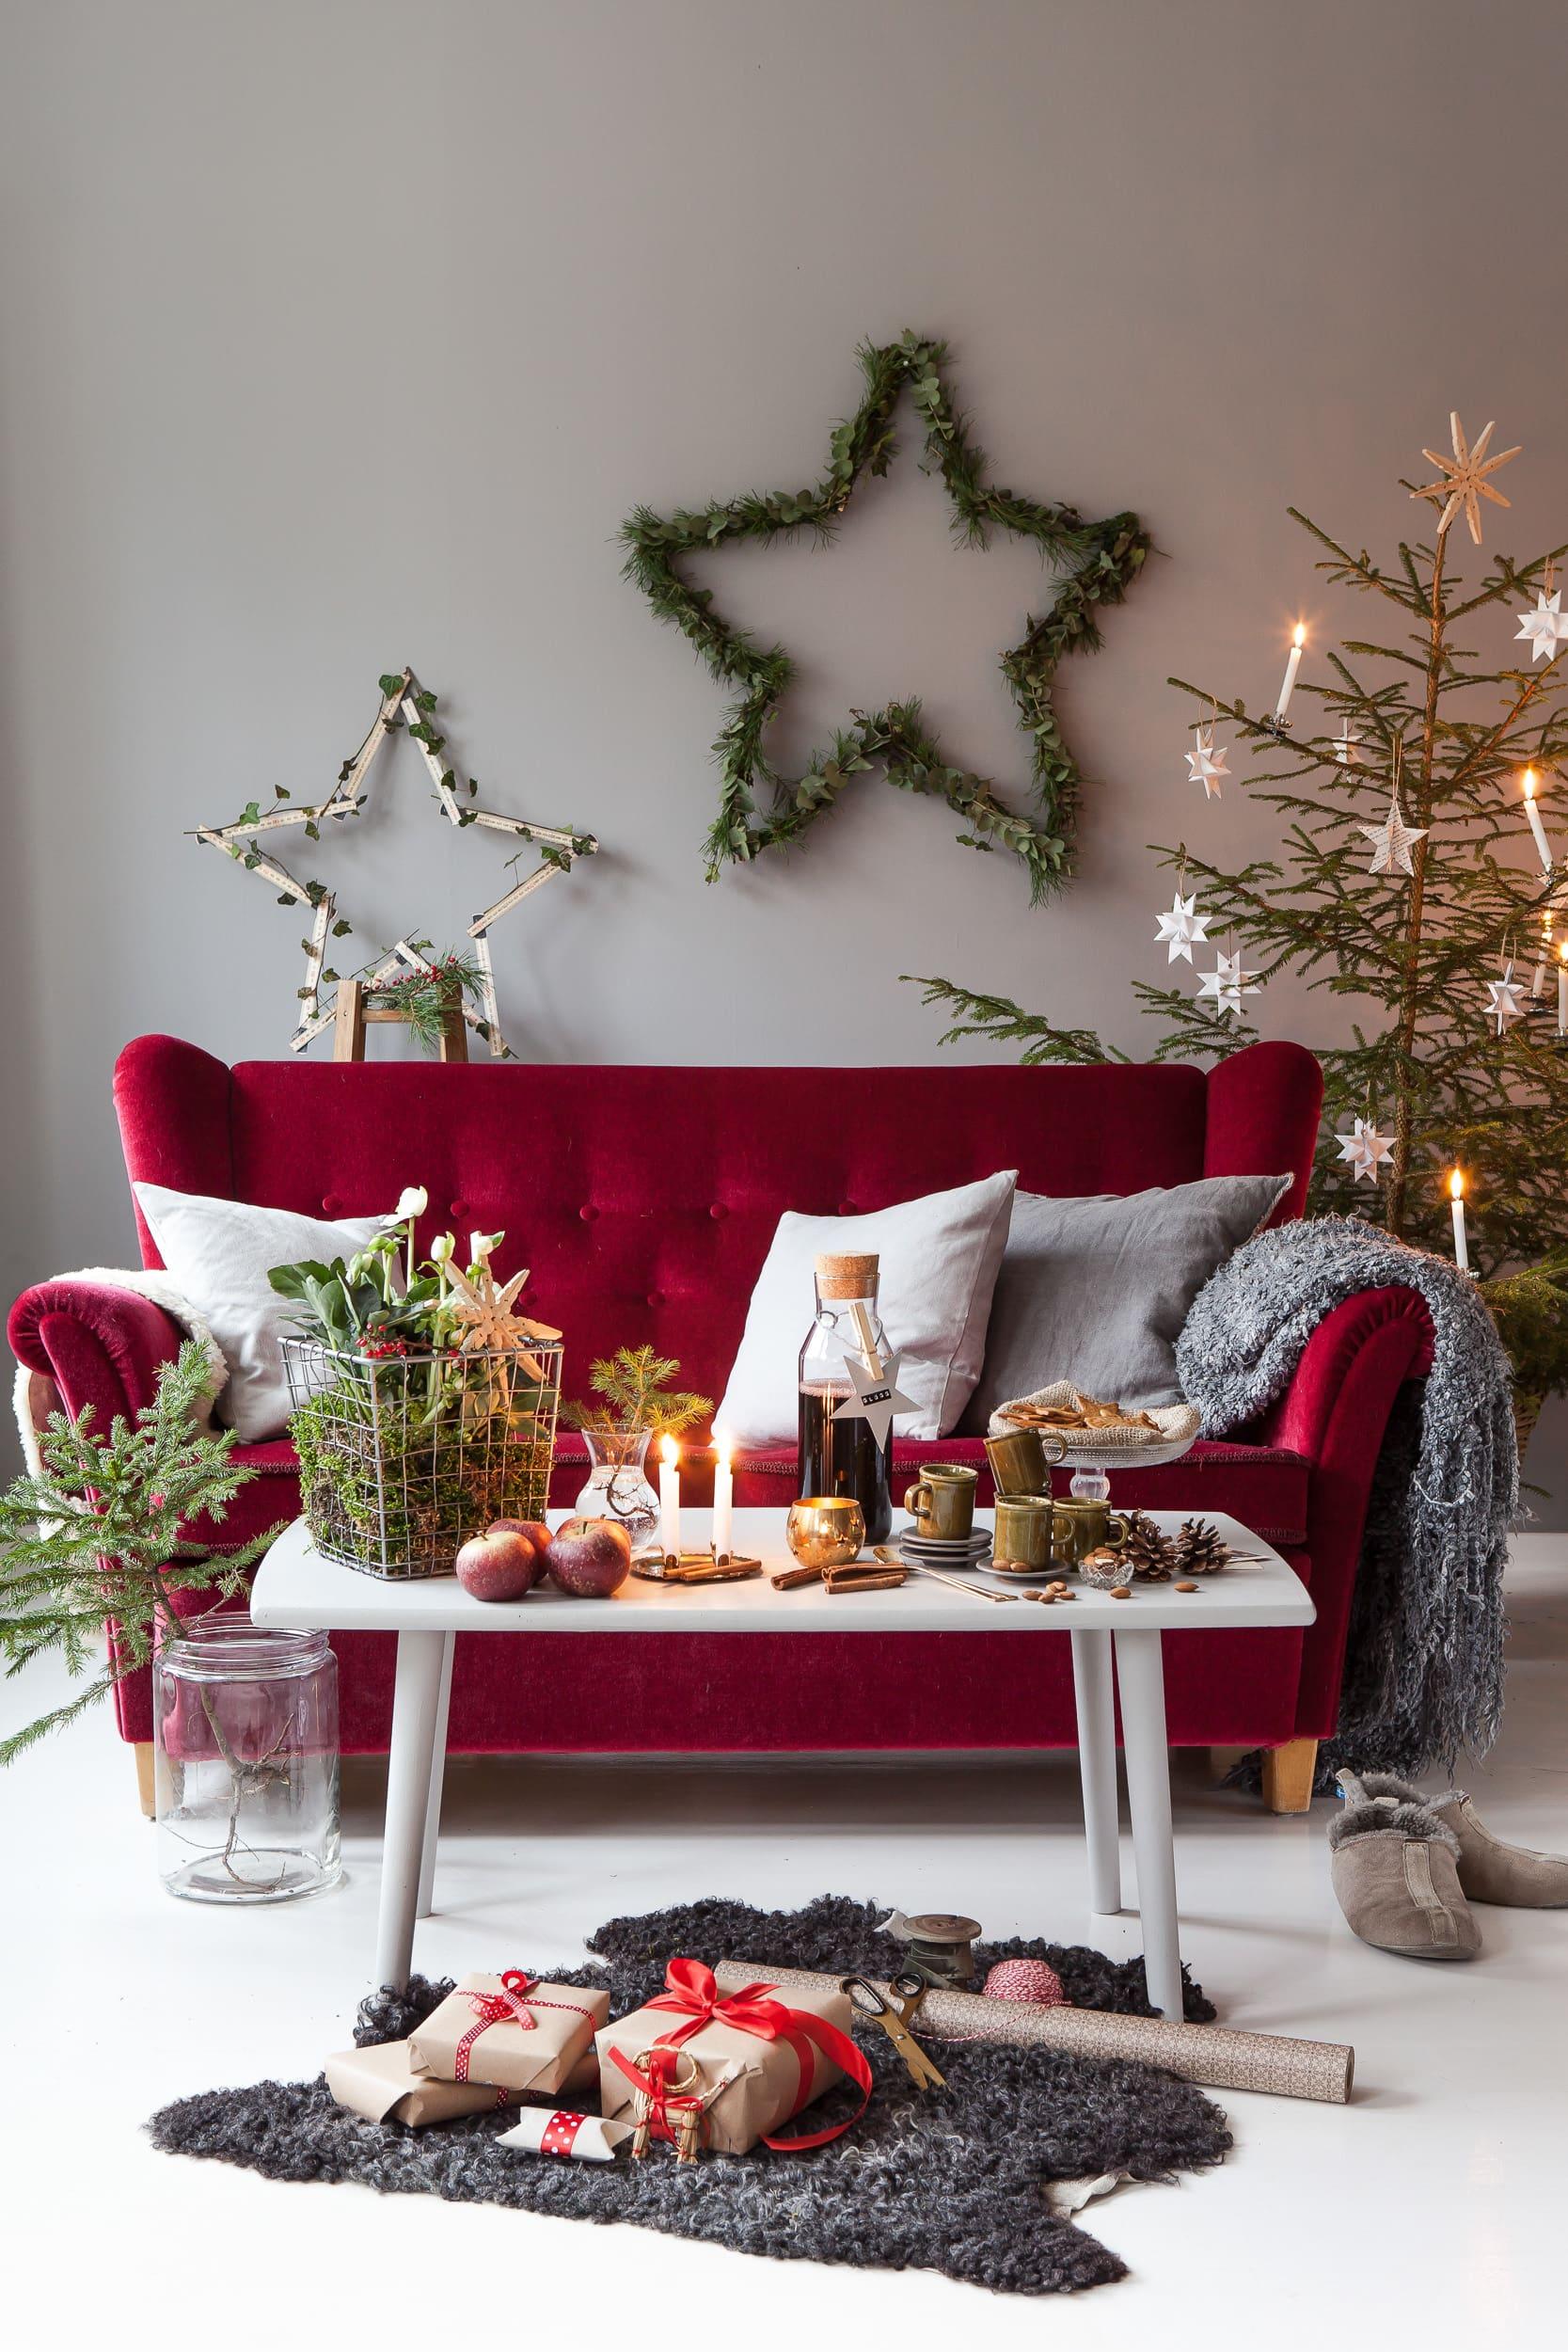 Skapa stämning och dekorera med stjärnor så blir julengnistrande fin!